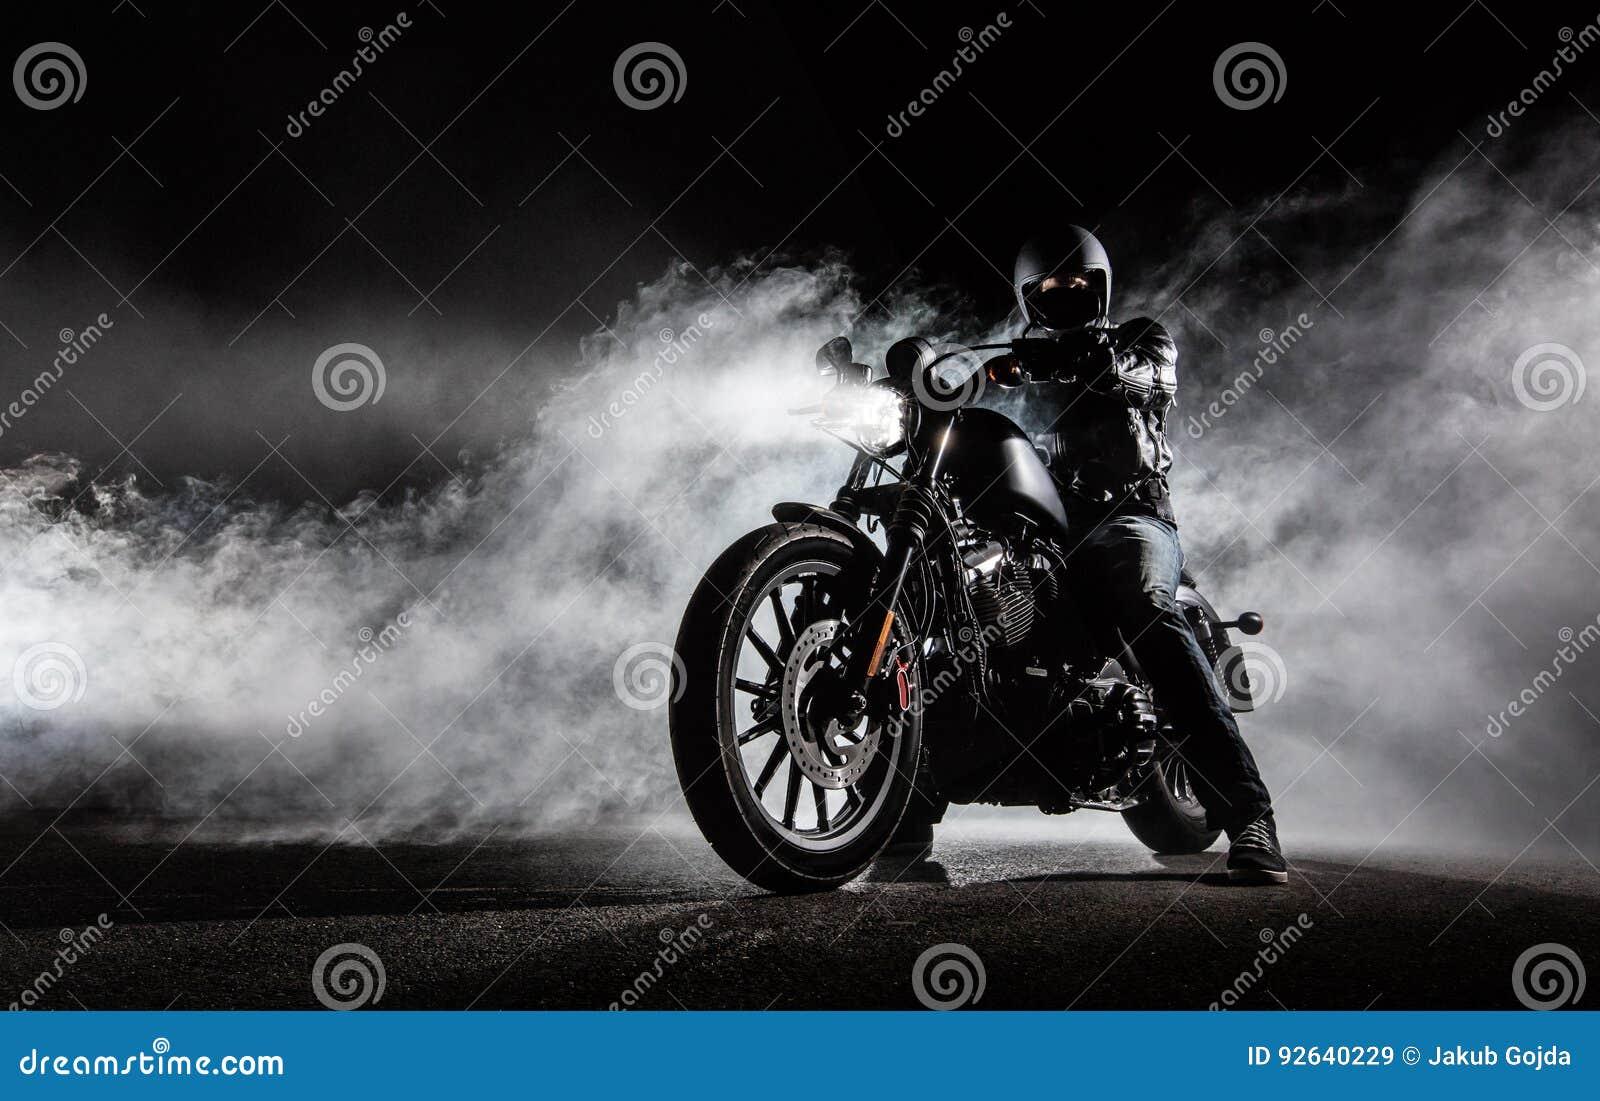 Moto La Avec Élevée Le Cavalier L'homme De Couperet Puissance yYb67fg